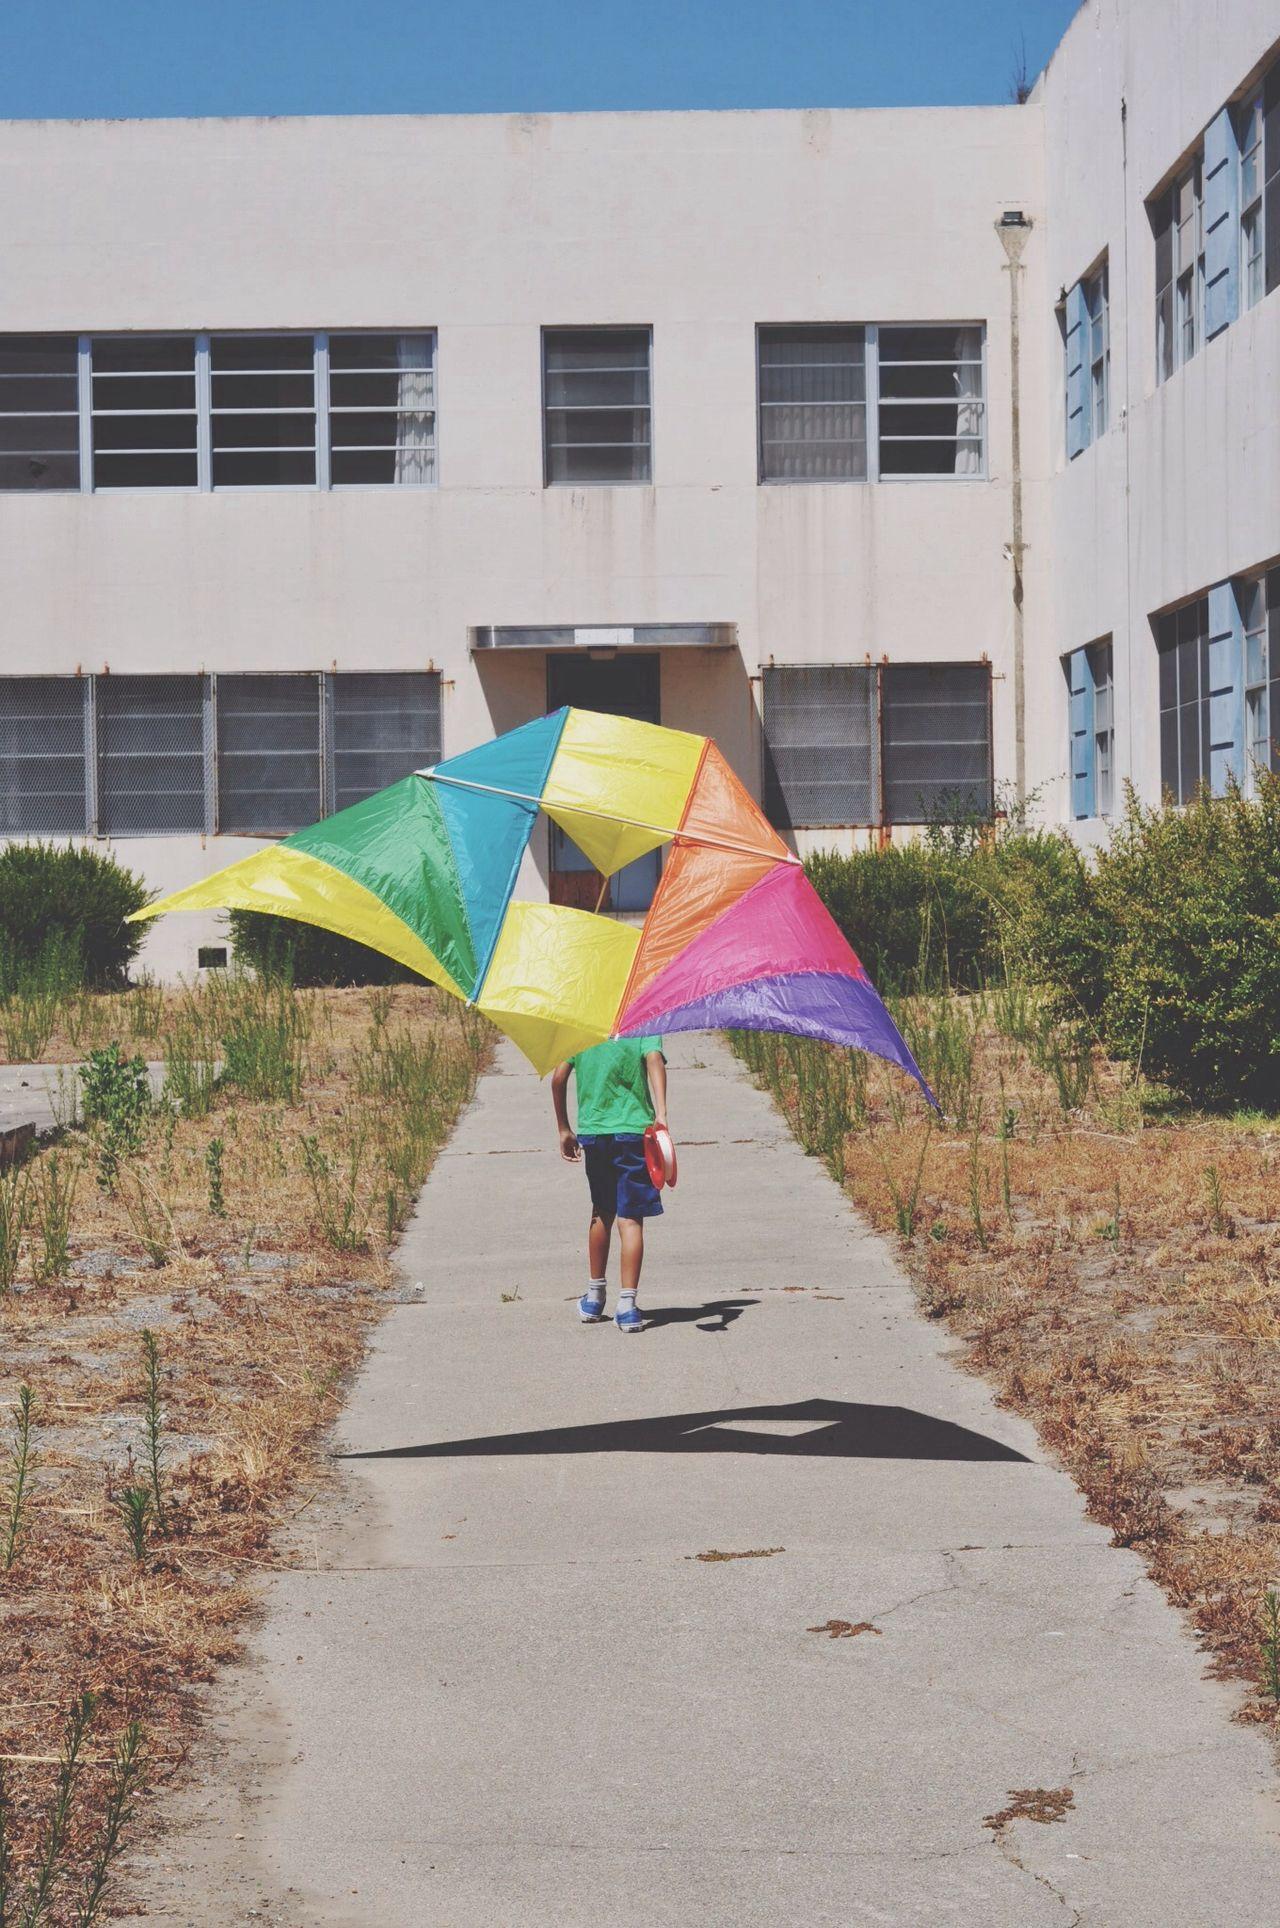 Kite flying against building